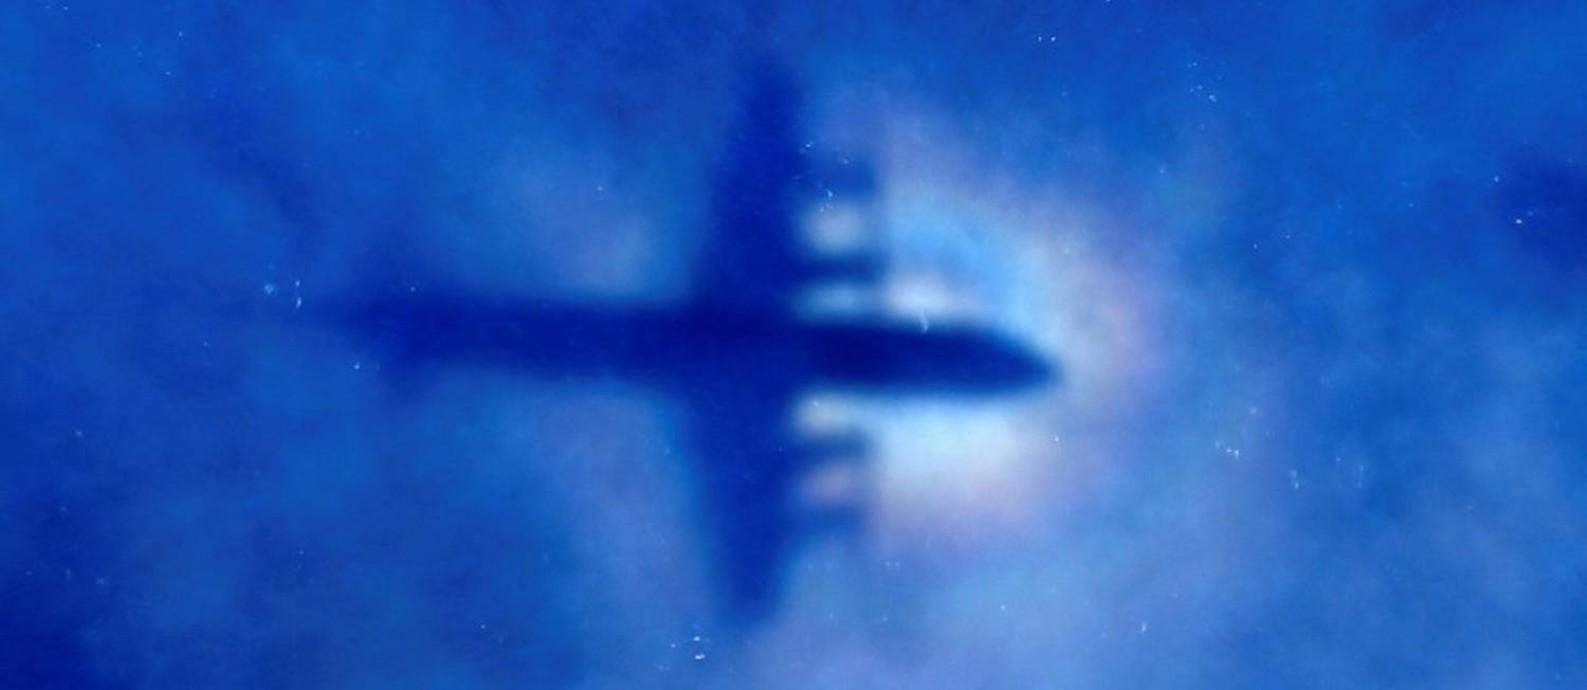 Sombra de avião da Nova Zelândia à procura de vestígios do voo MH370 da Malaysian Airlines Foto: POOL / REUTERS 31-03-2014